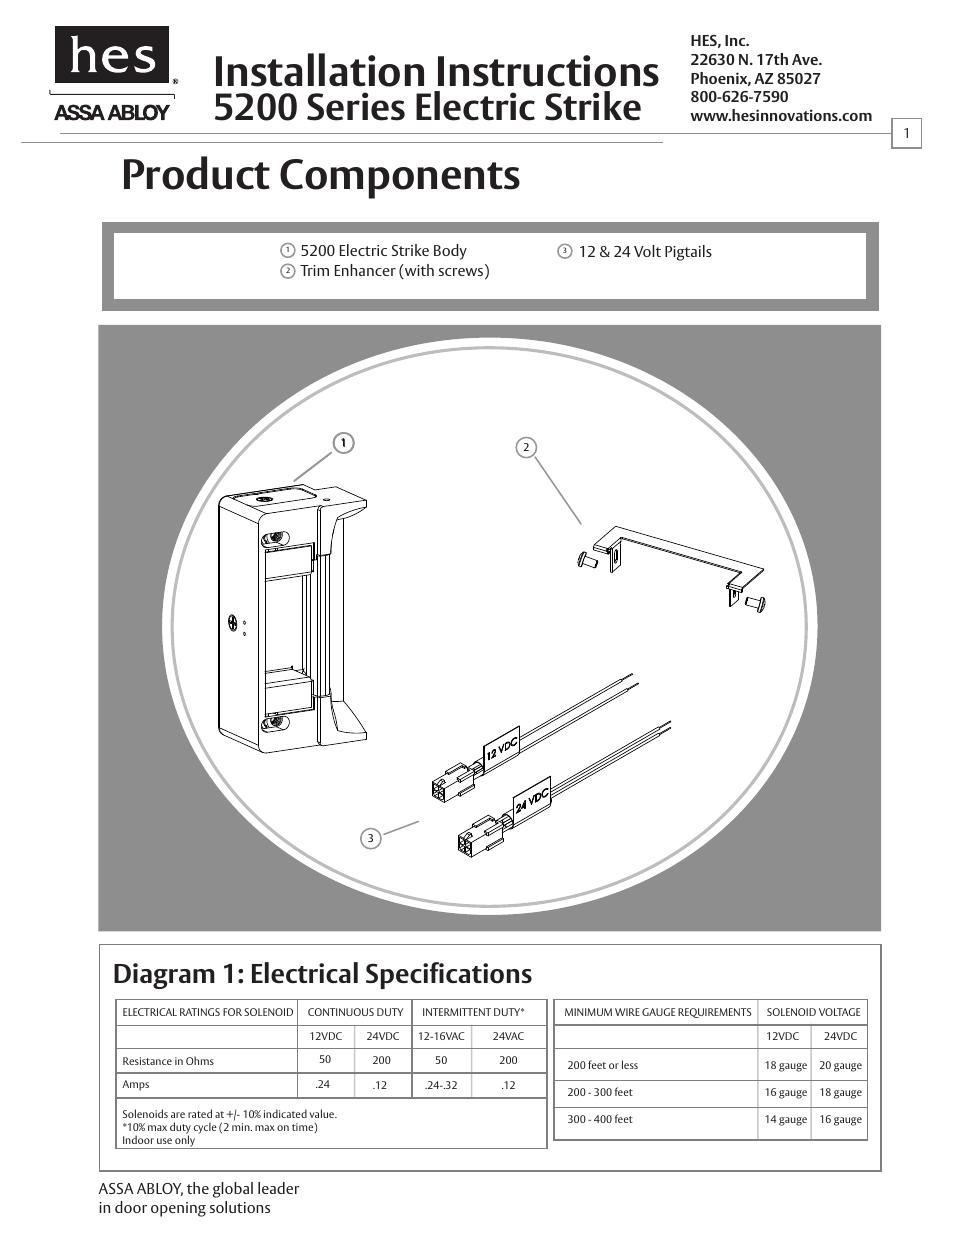 hes 5000 wiring diagram Hes 9600 12 24d 630 Wiring Diagram hes wiring diagram t1 wall jack wiring saab 95 speaker wiring HES 9600 Door Strike